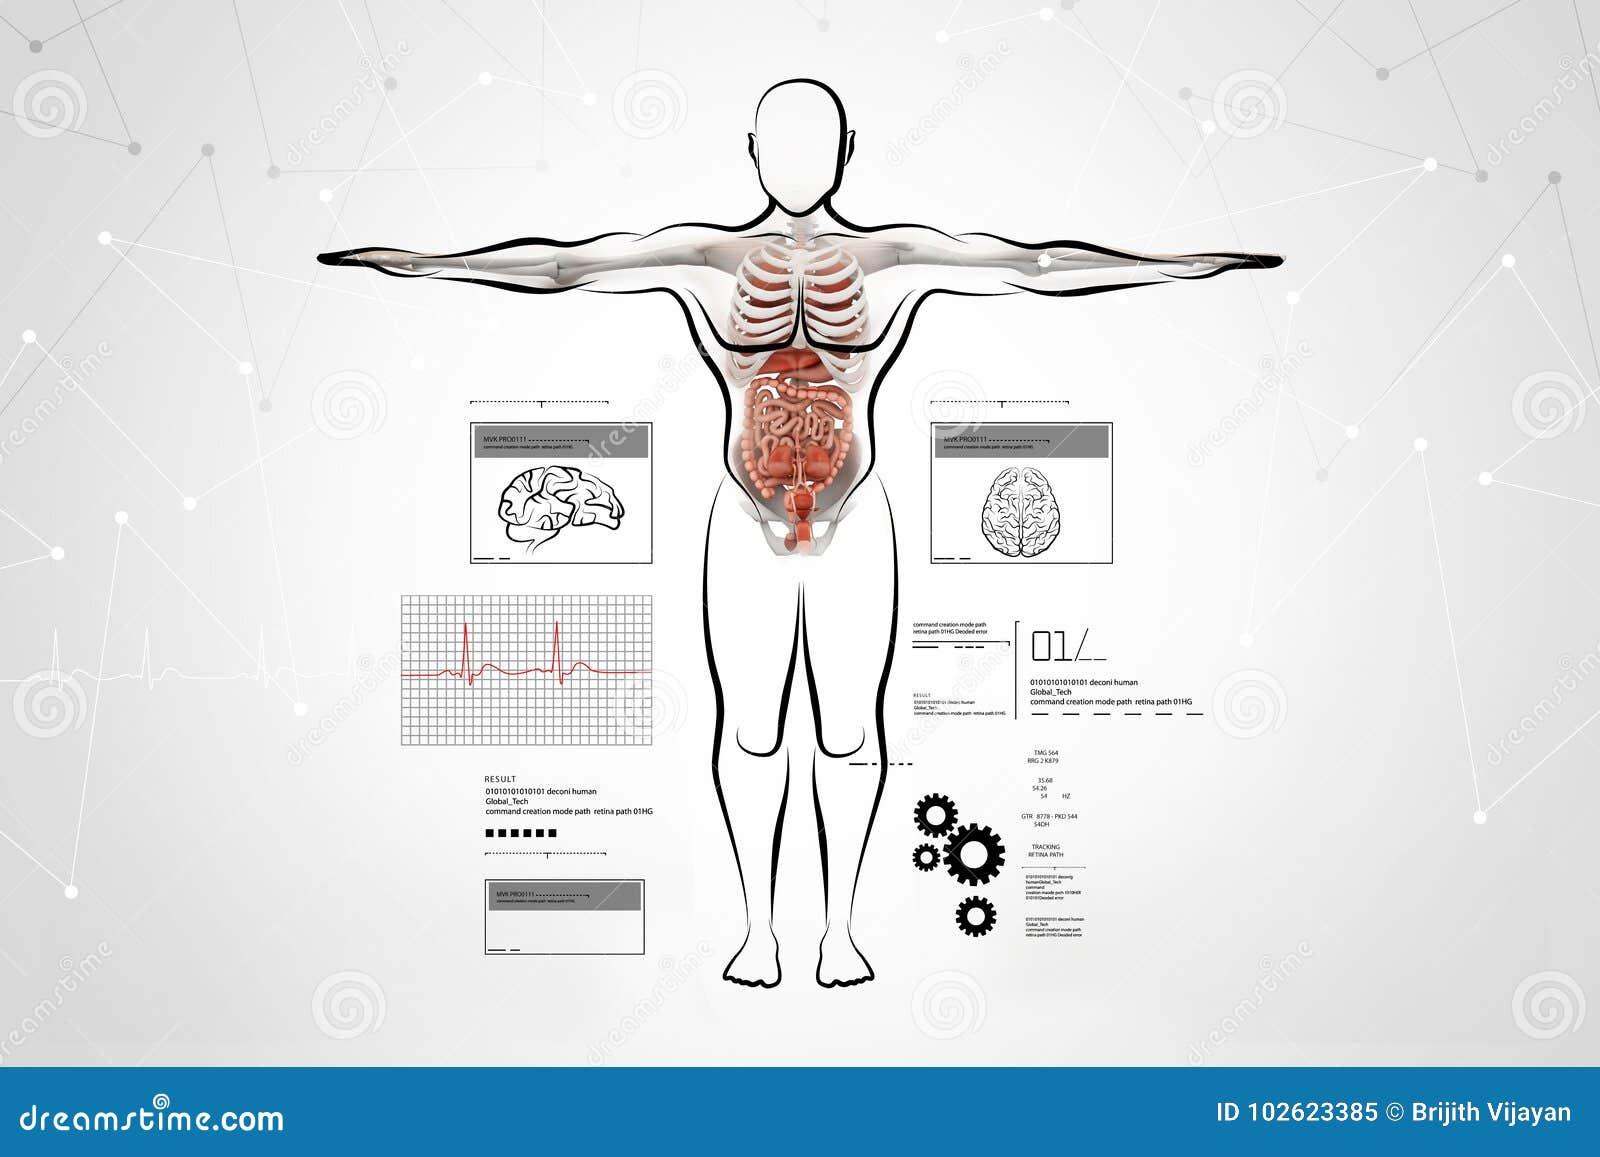 Magnífico Sistema Digestivo Humano Marcado Imágenes - Anatomía de ...